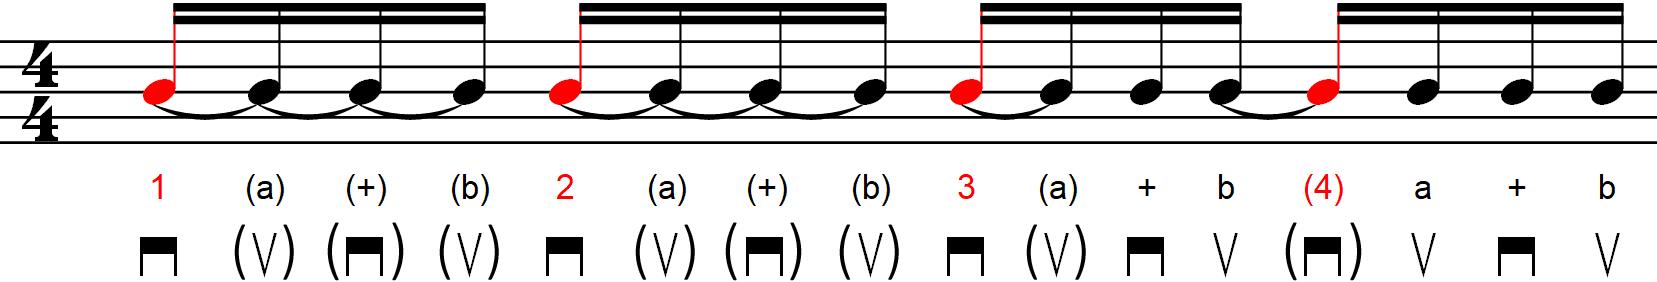 Rythmique avec contretemps - Exemple n°6a